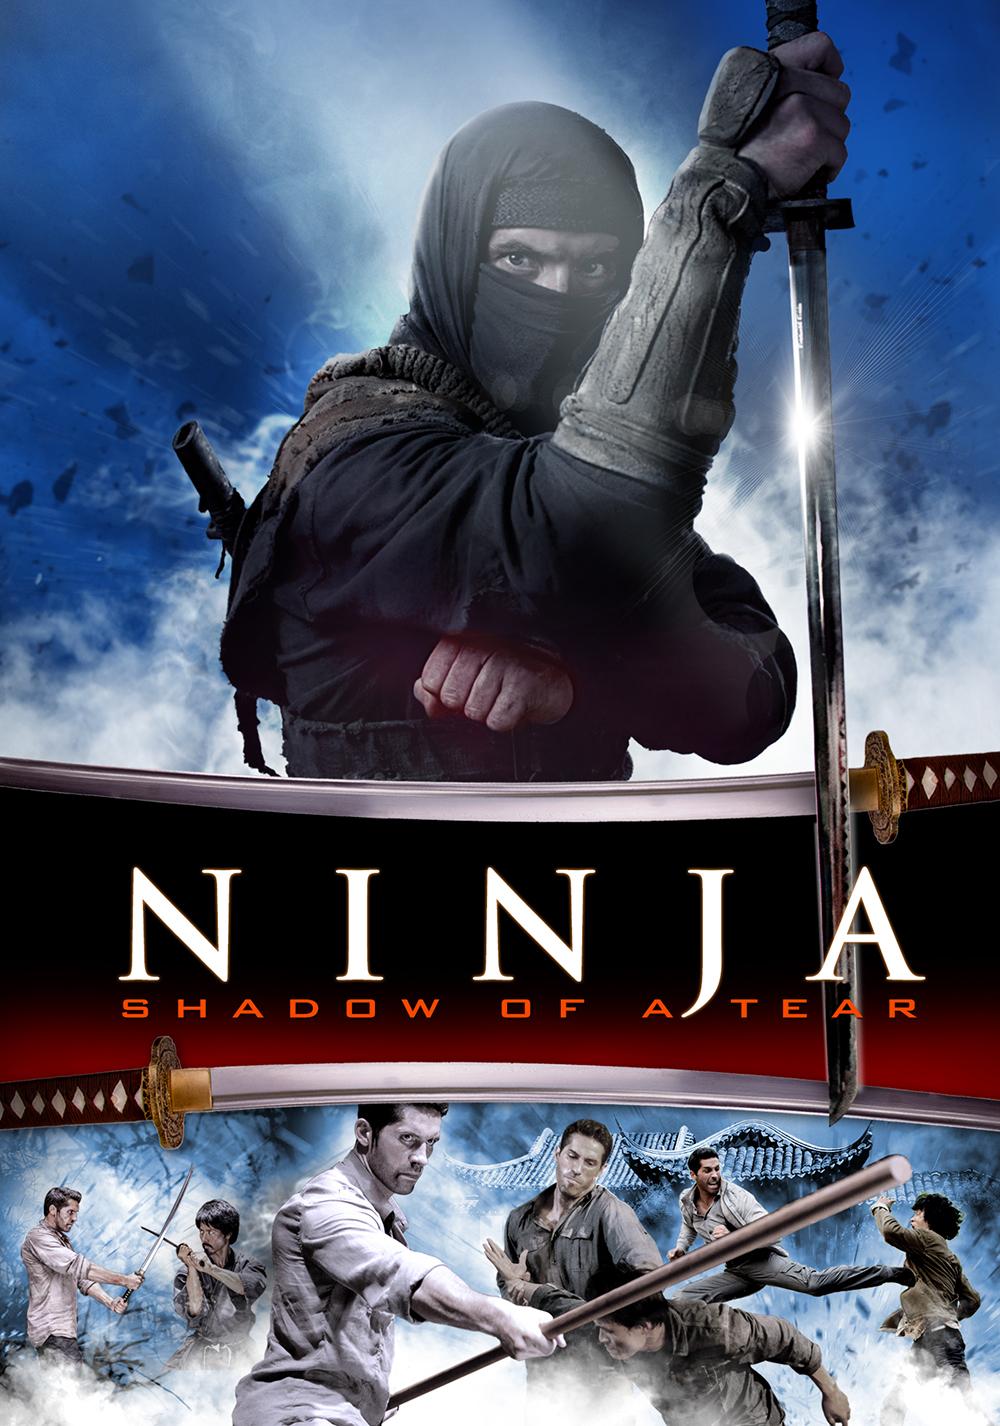 دانلود فیلم نینجا 2 سایه ترس Ninja Shadow of a Tear دوبله فارسی